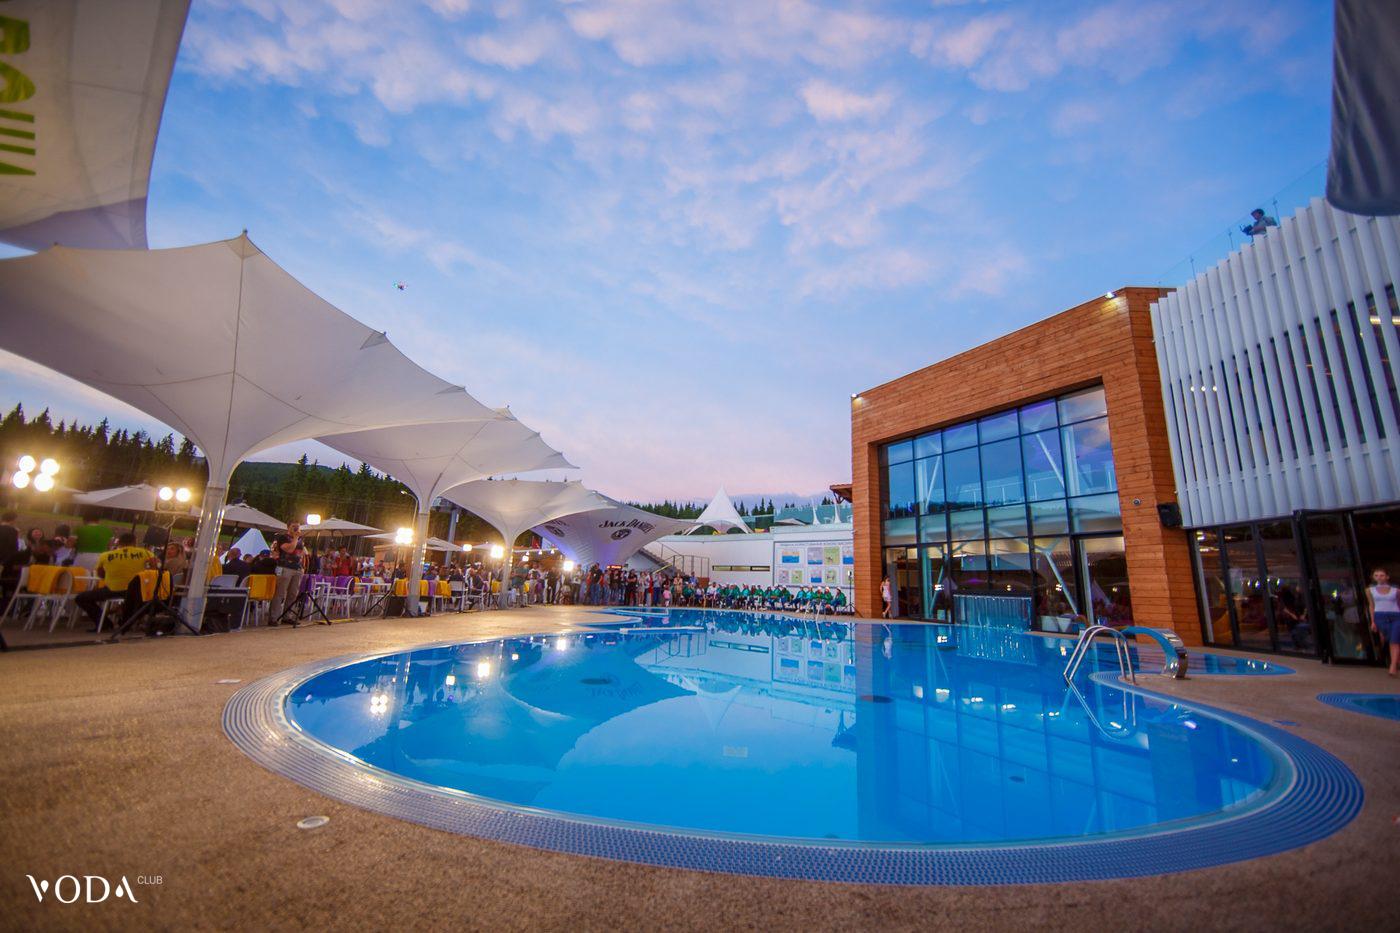 voda_club_pool_09